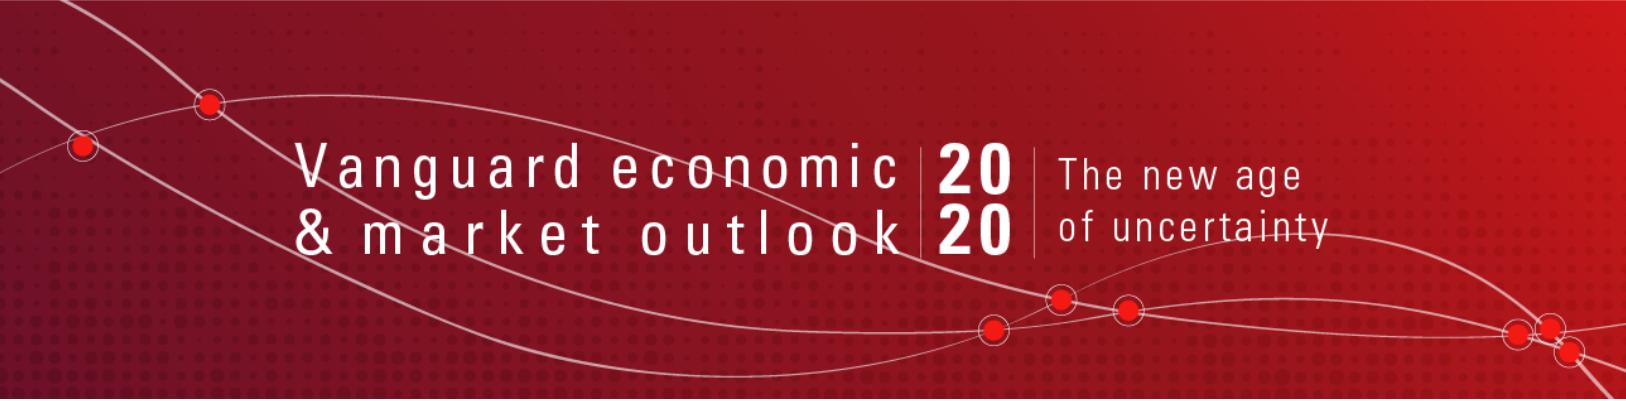 Vanguard outlook 2020